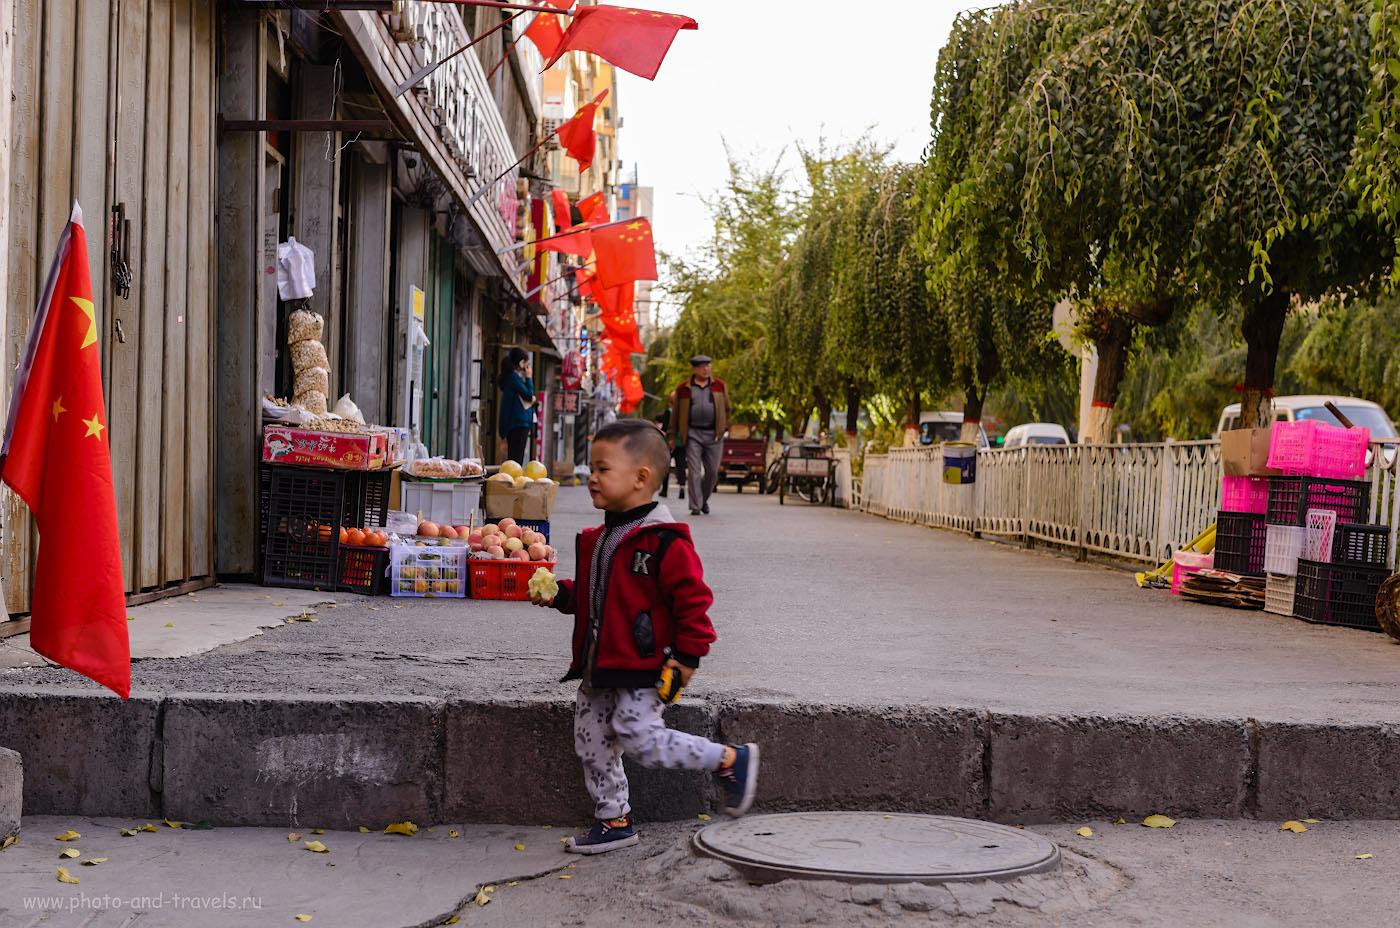 Фотография 27. В школах, в ВУЗах и на фабриках в СУАР много внимания уделяется политинформации. Такого количество китайских флагов мы не видели нигде больше в Китае. С юных лет здесь приучают любить родину-отца. 1/400, 4.5, 100, 52.